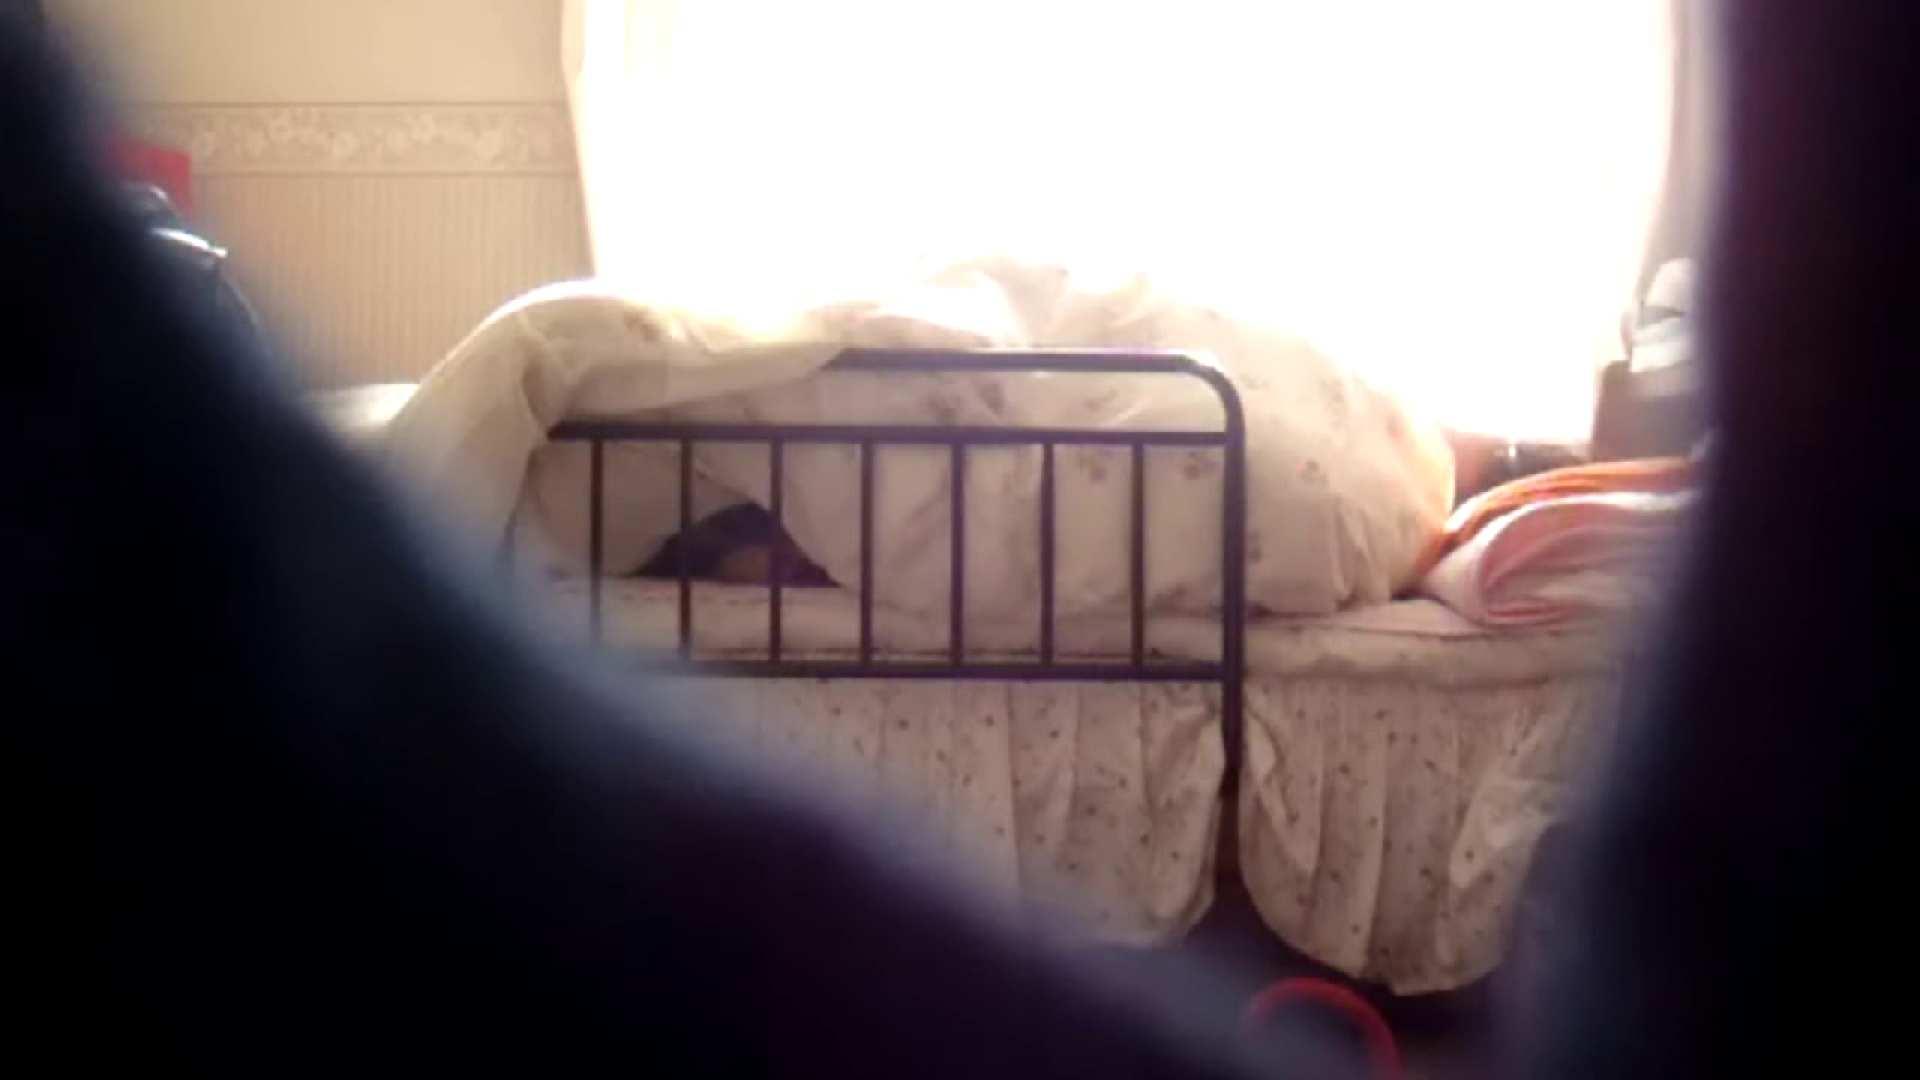 二人とも育てた甲斐がありました… vol.04 まどかが帰宅してベッドでセックス OLセックス  57画像 6